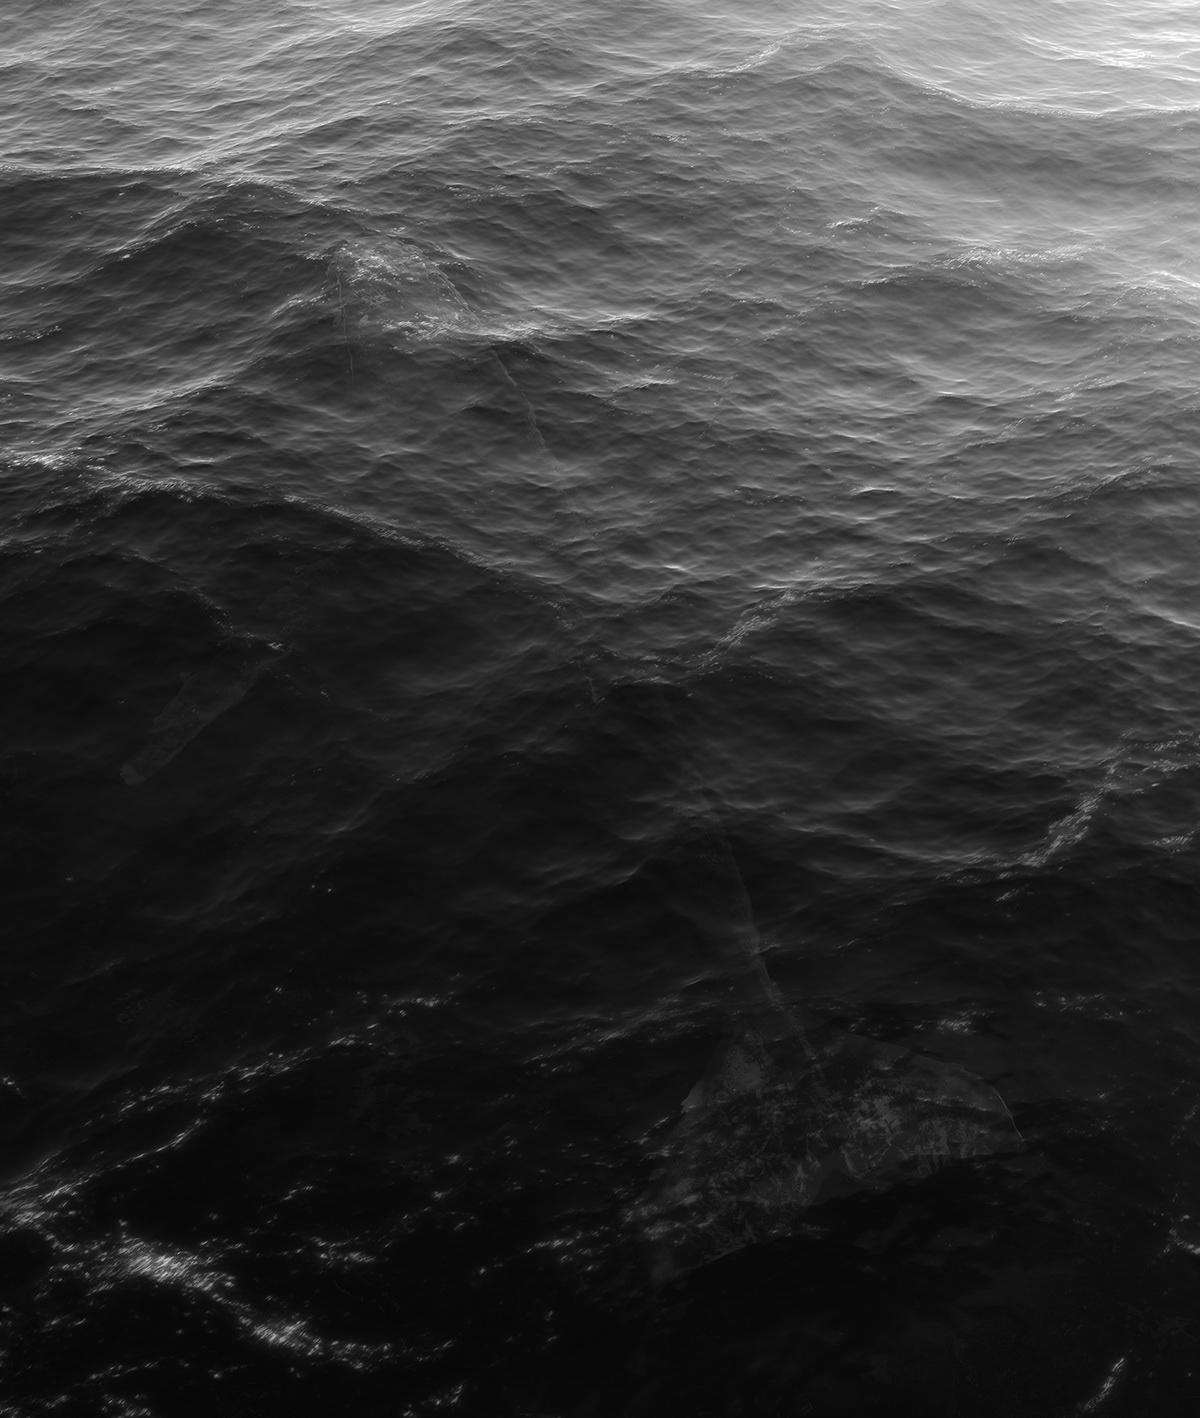 water Render trees lake sea waves Whale Ocean rocks stones